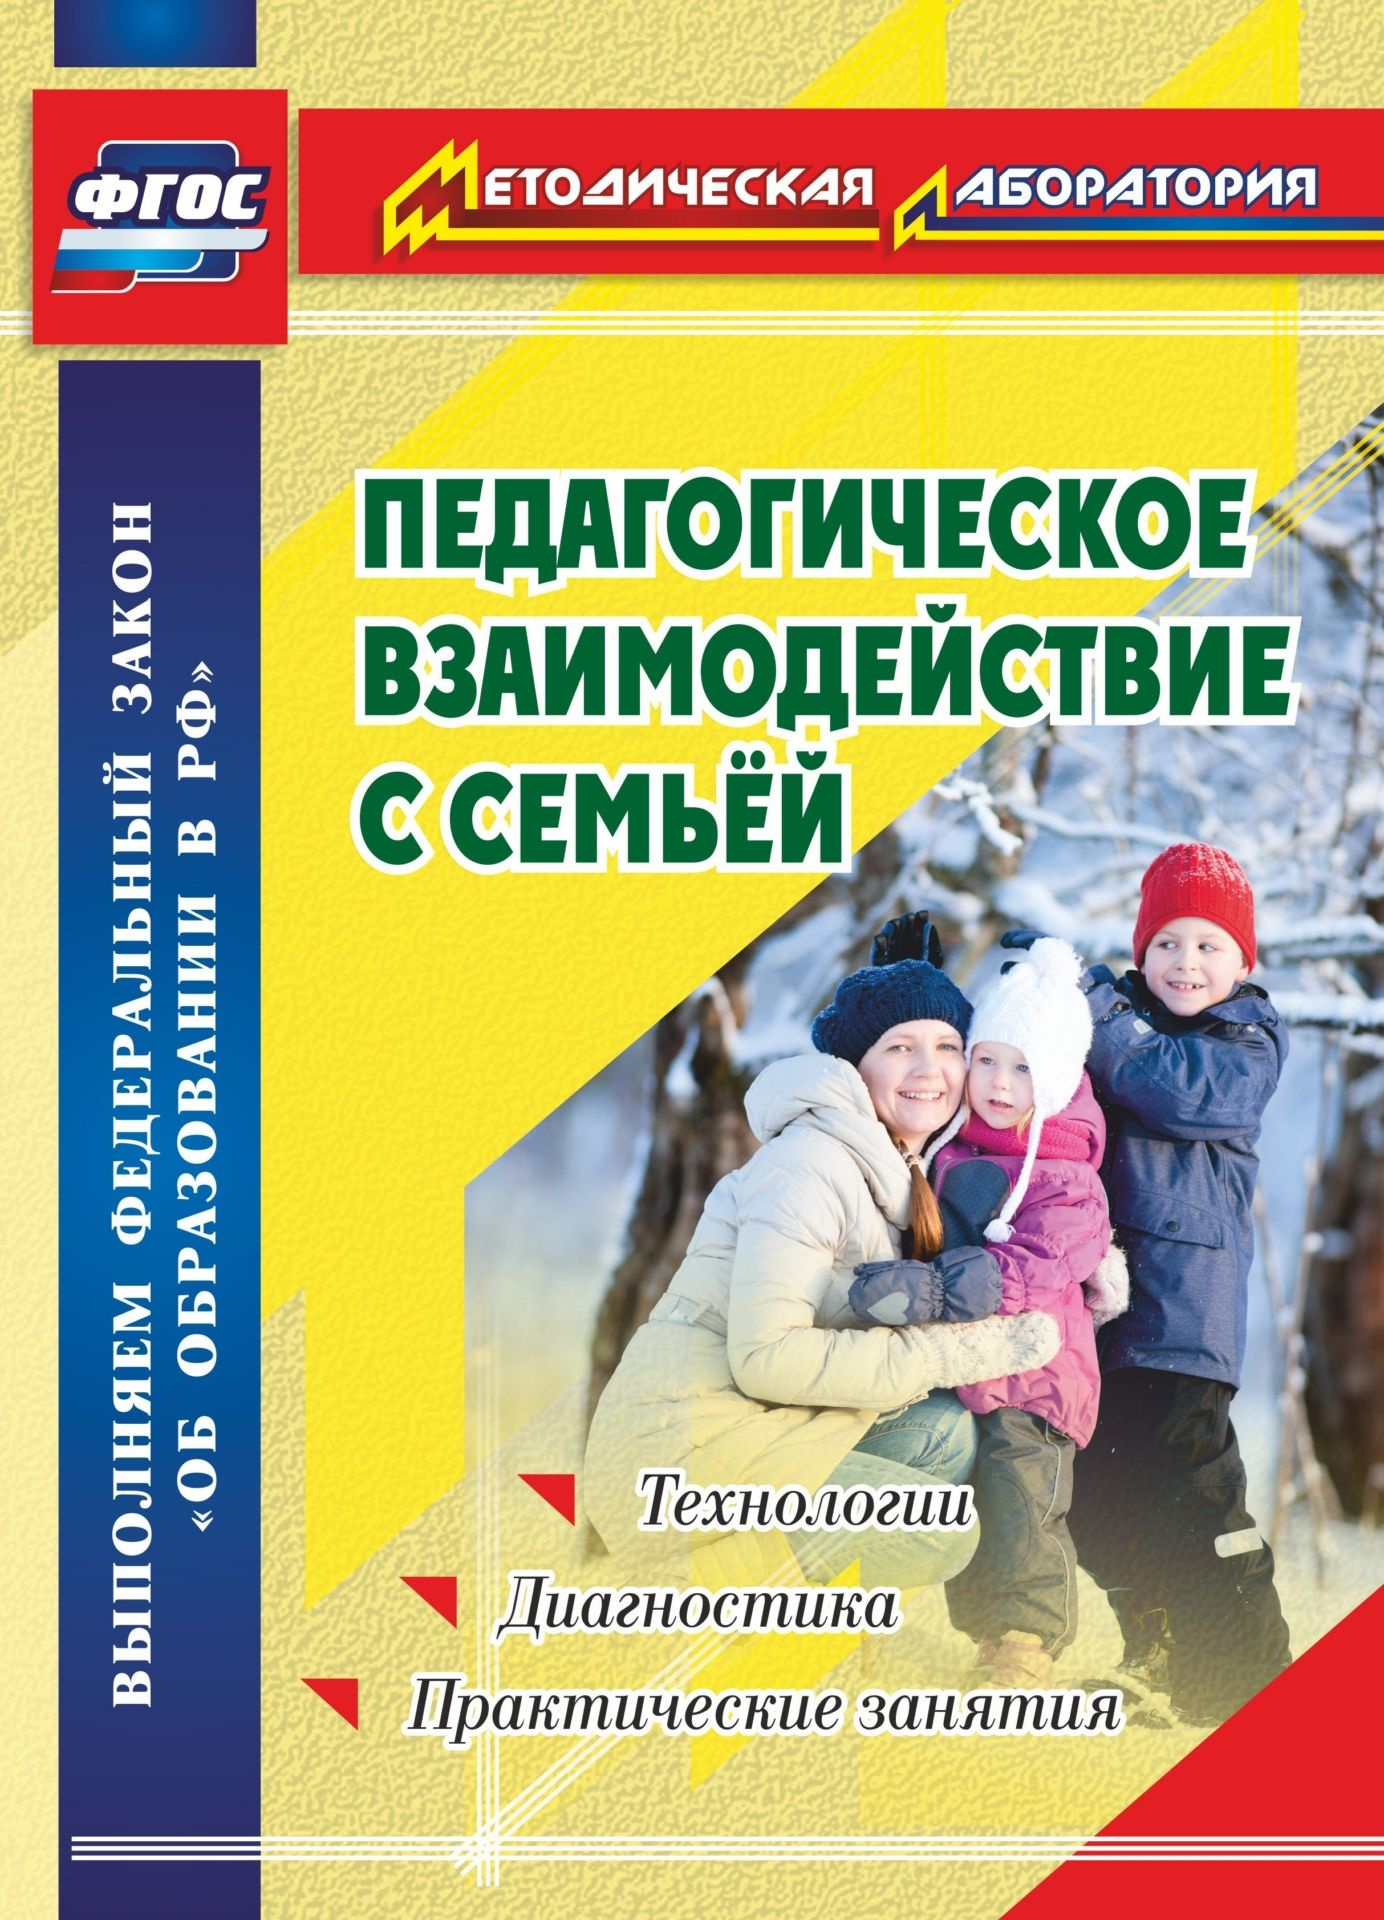 Москвина, педагогическое Взаимодействие С Семьей, технологи и Диагностика, практически... фото